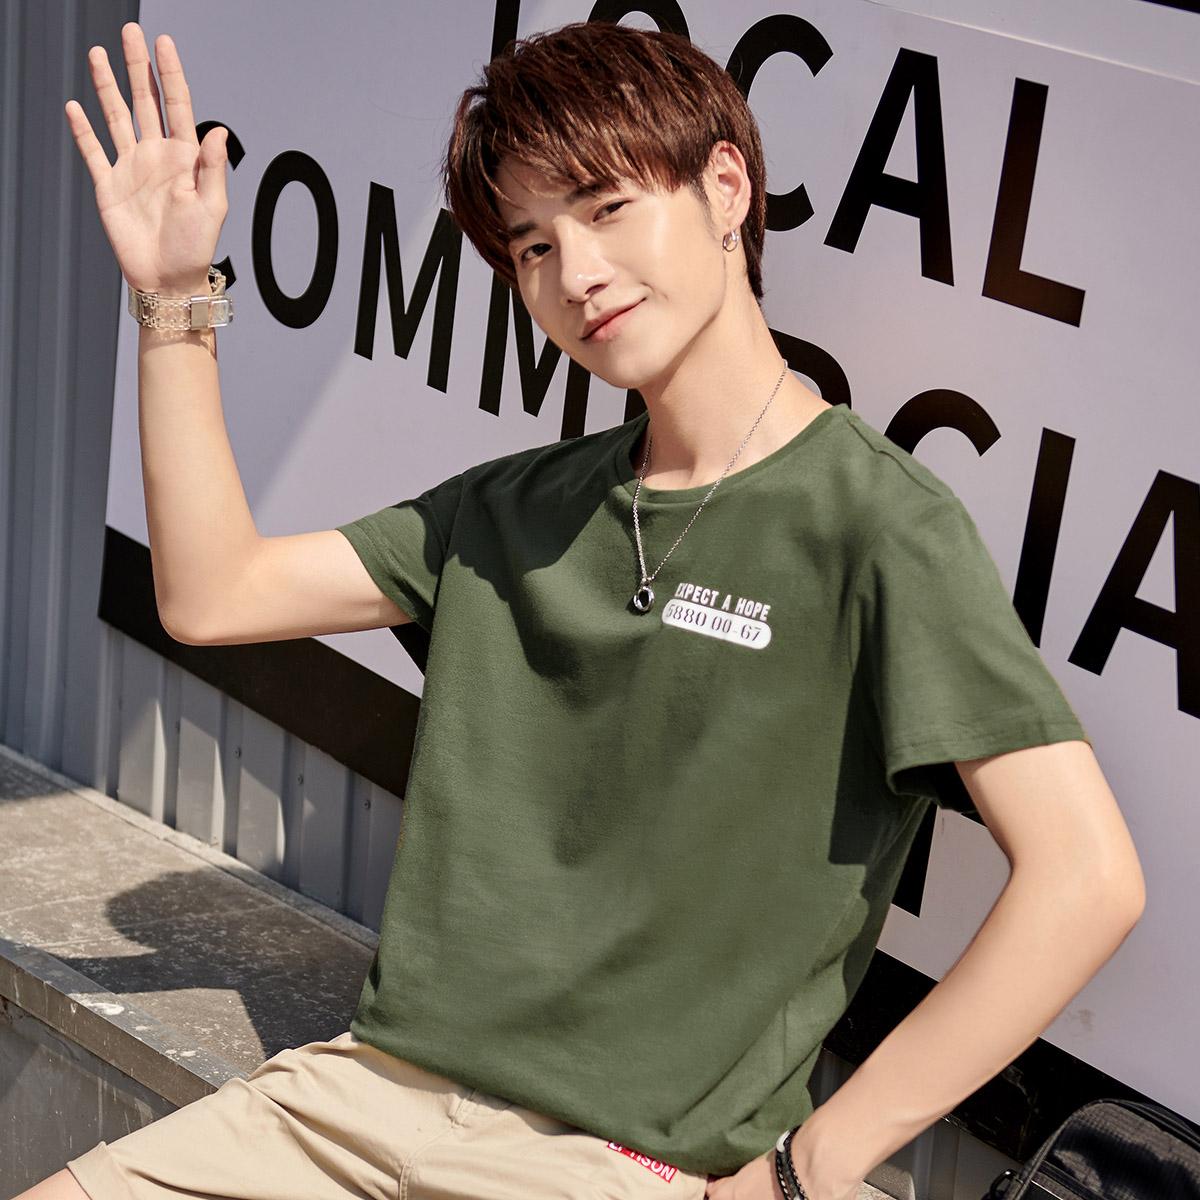 衣品天成2019夏季新款t恤男士短袖圆领纯色纯棉潮流韩版ins半袖装